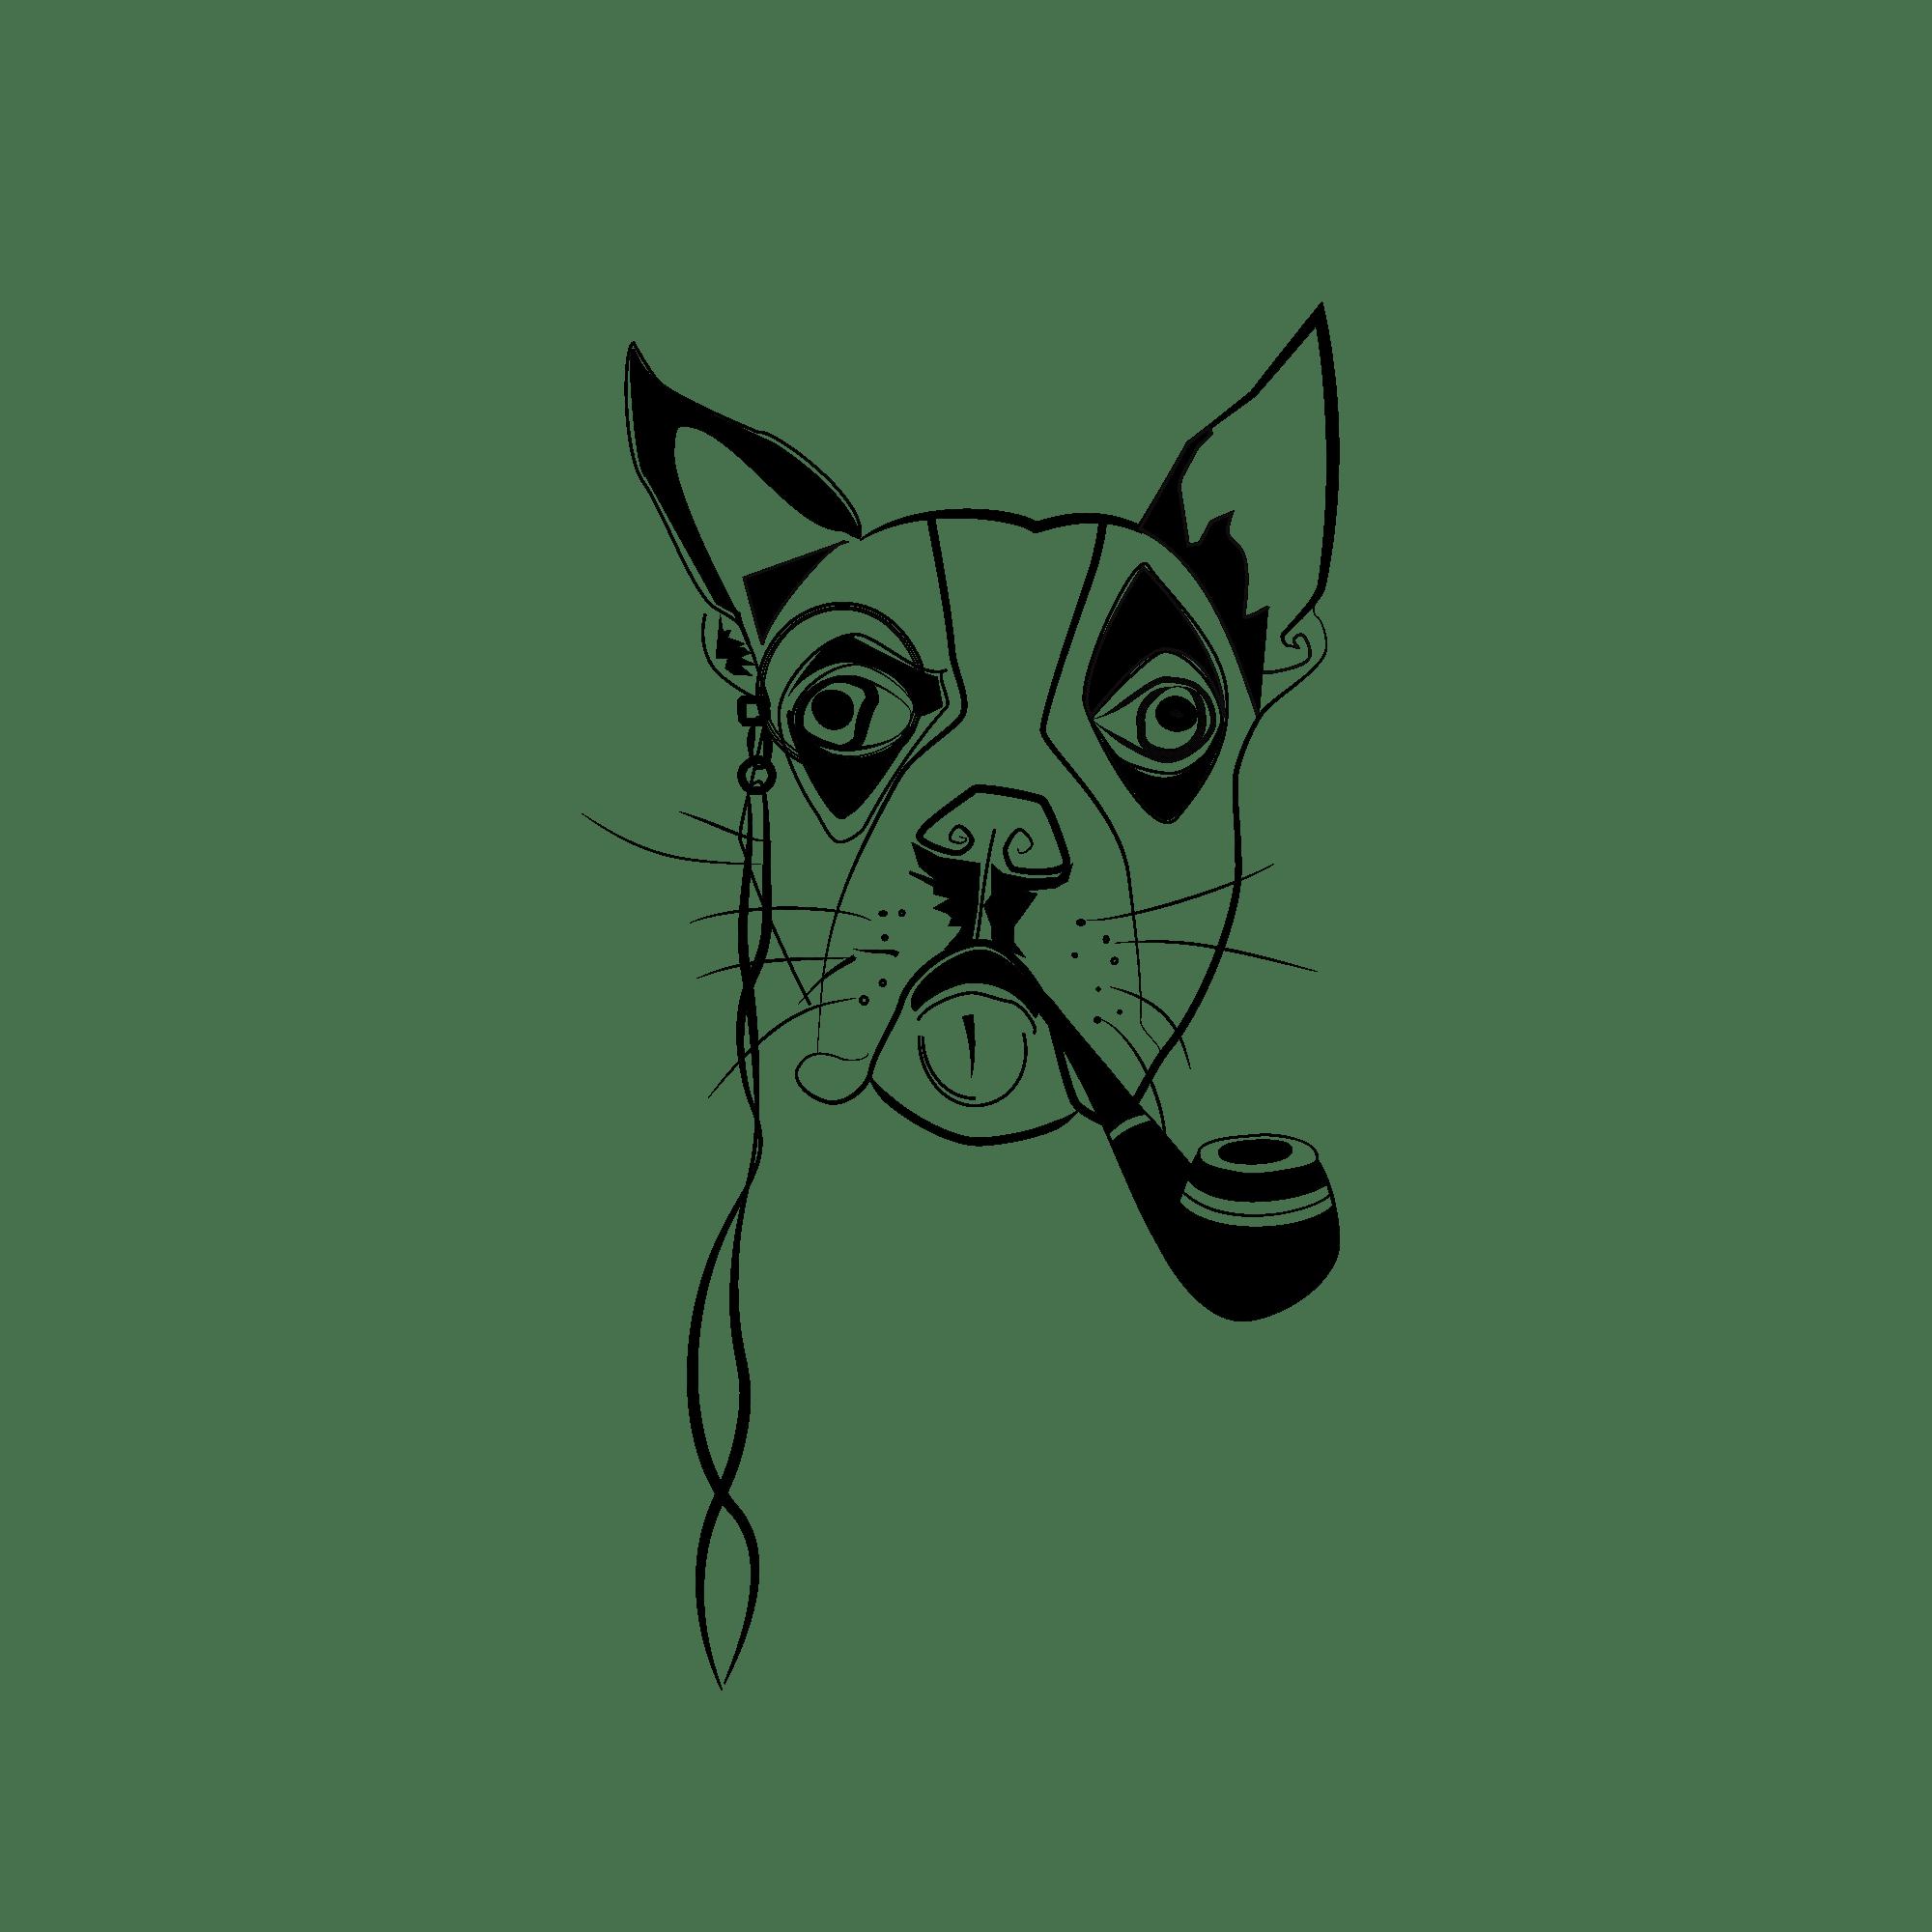 פיליפ, כלב כבד ראש